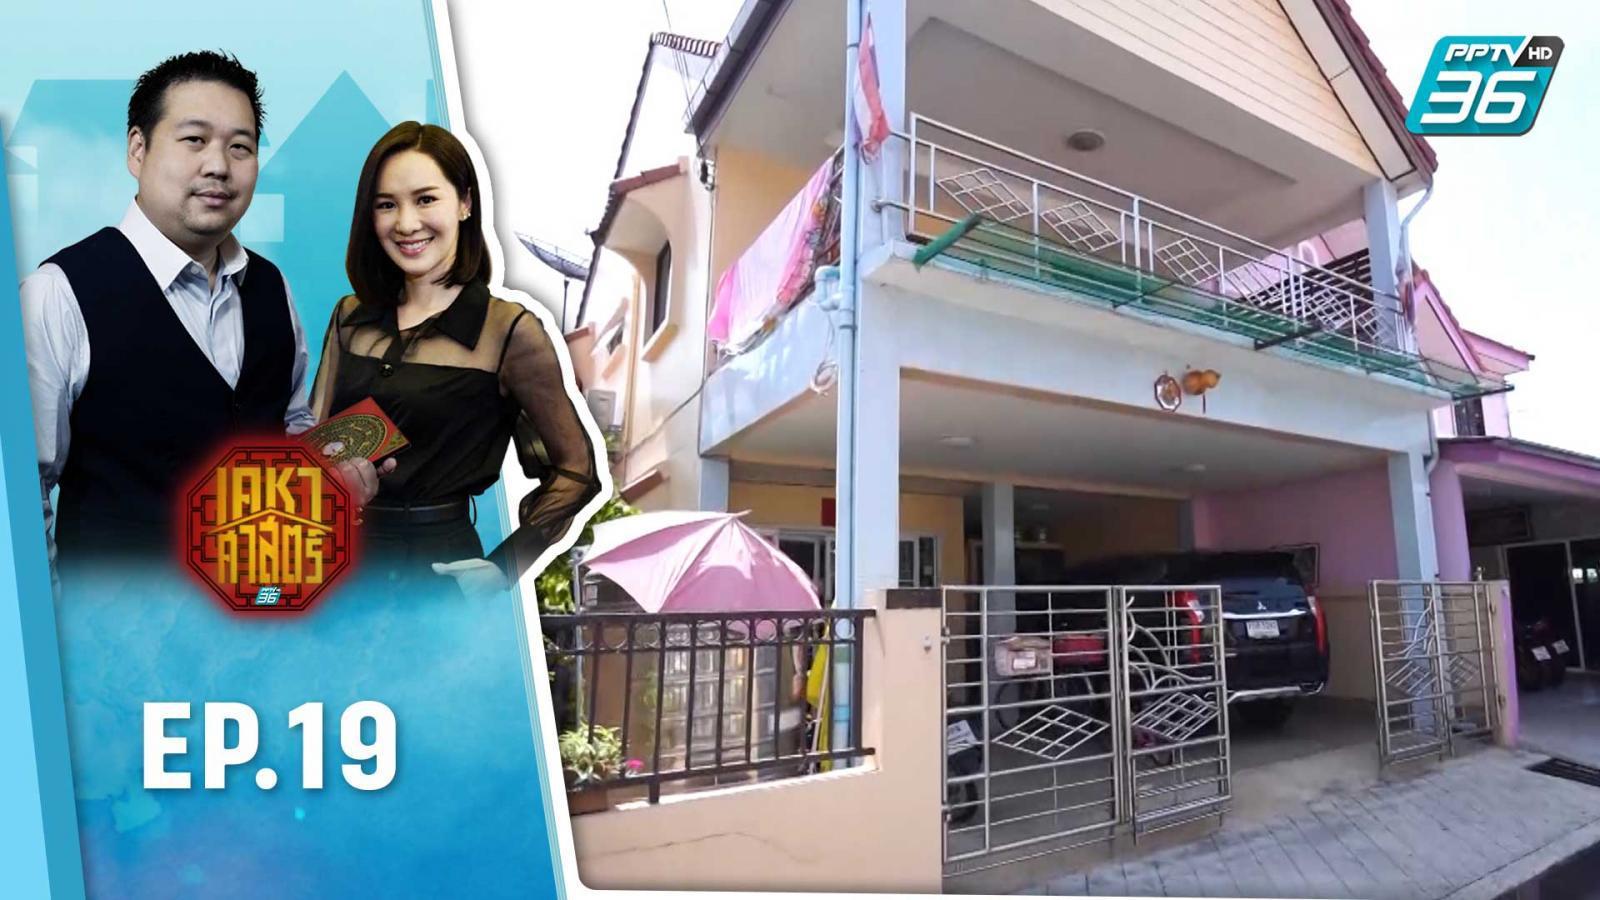 เคหาศาสตร์ | ตี่ลี่ ฮวงจุ้ย | ตอน บ้านนี้ผู้ชายอยู่ยาก EP.19 | PPTV HD 36